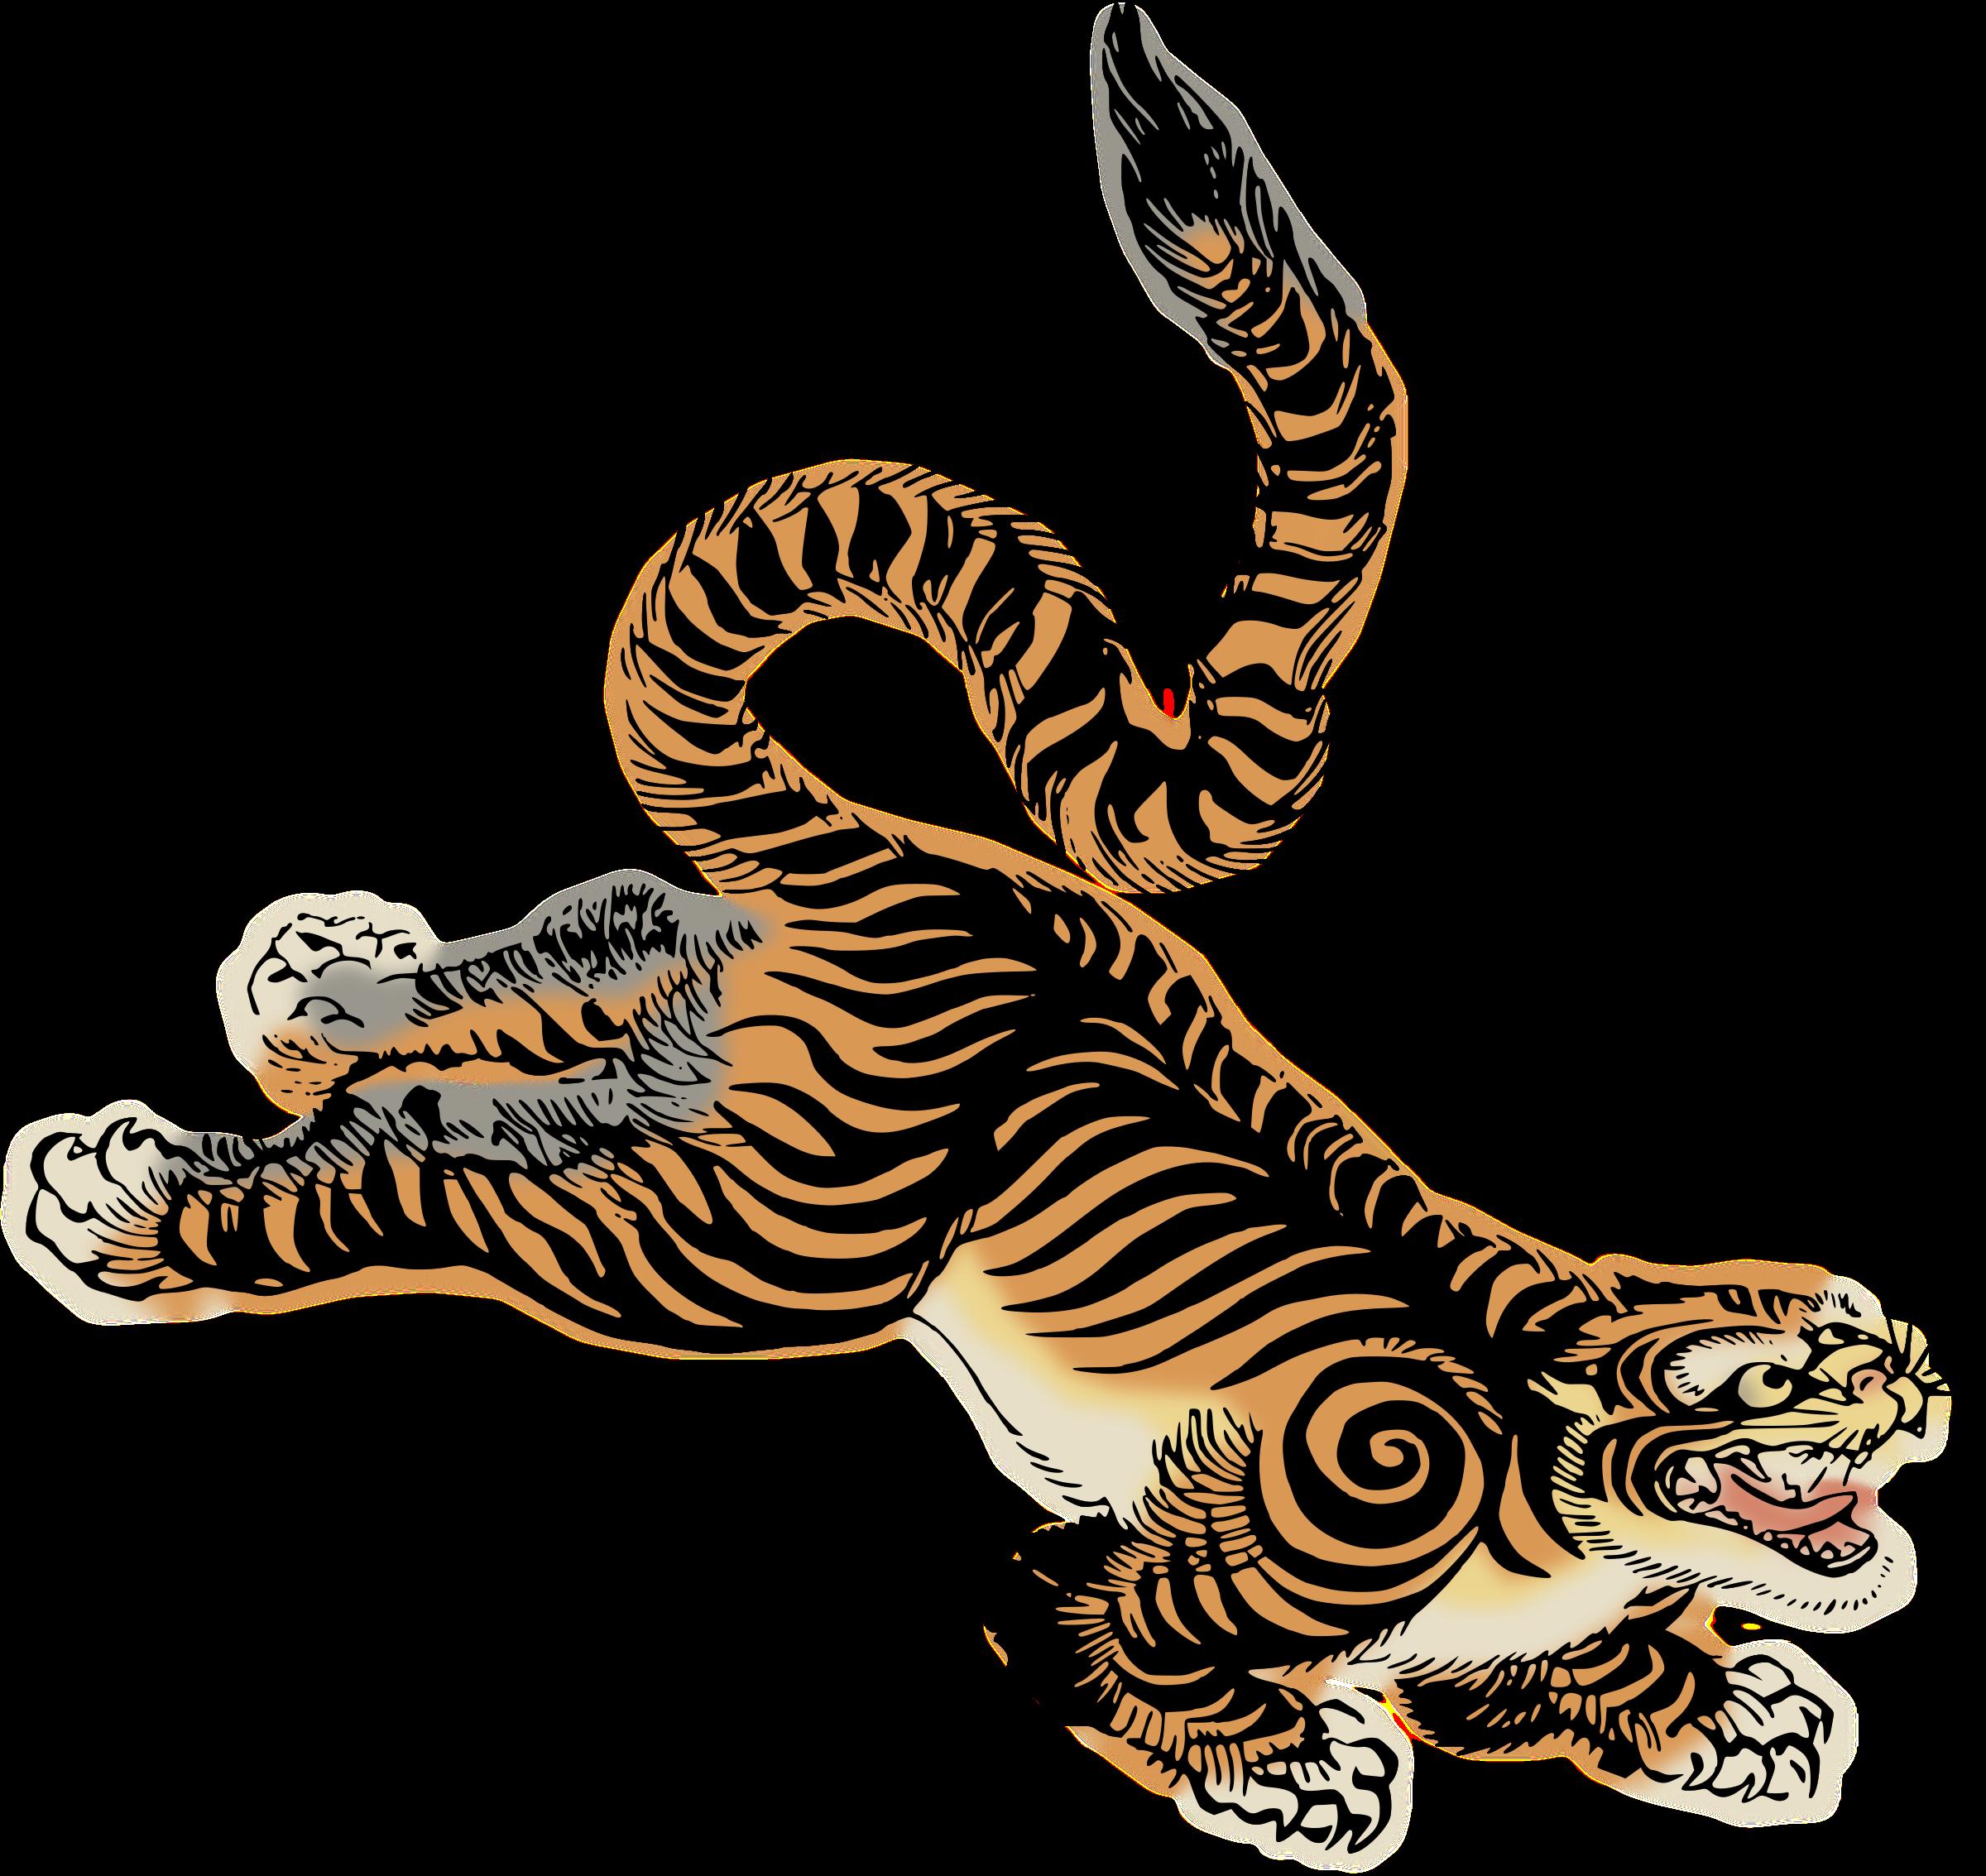 microsoft clip art tiger - photo #40